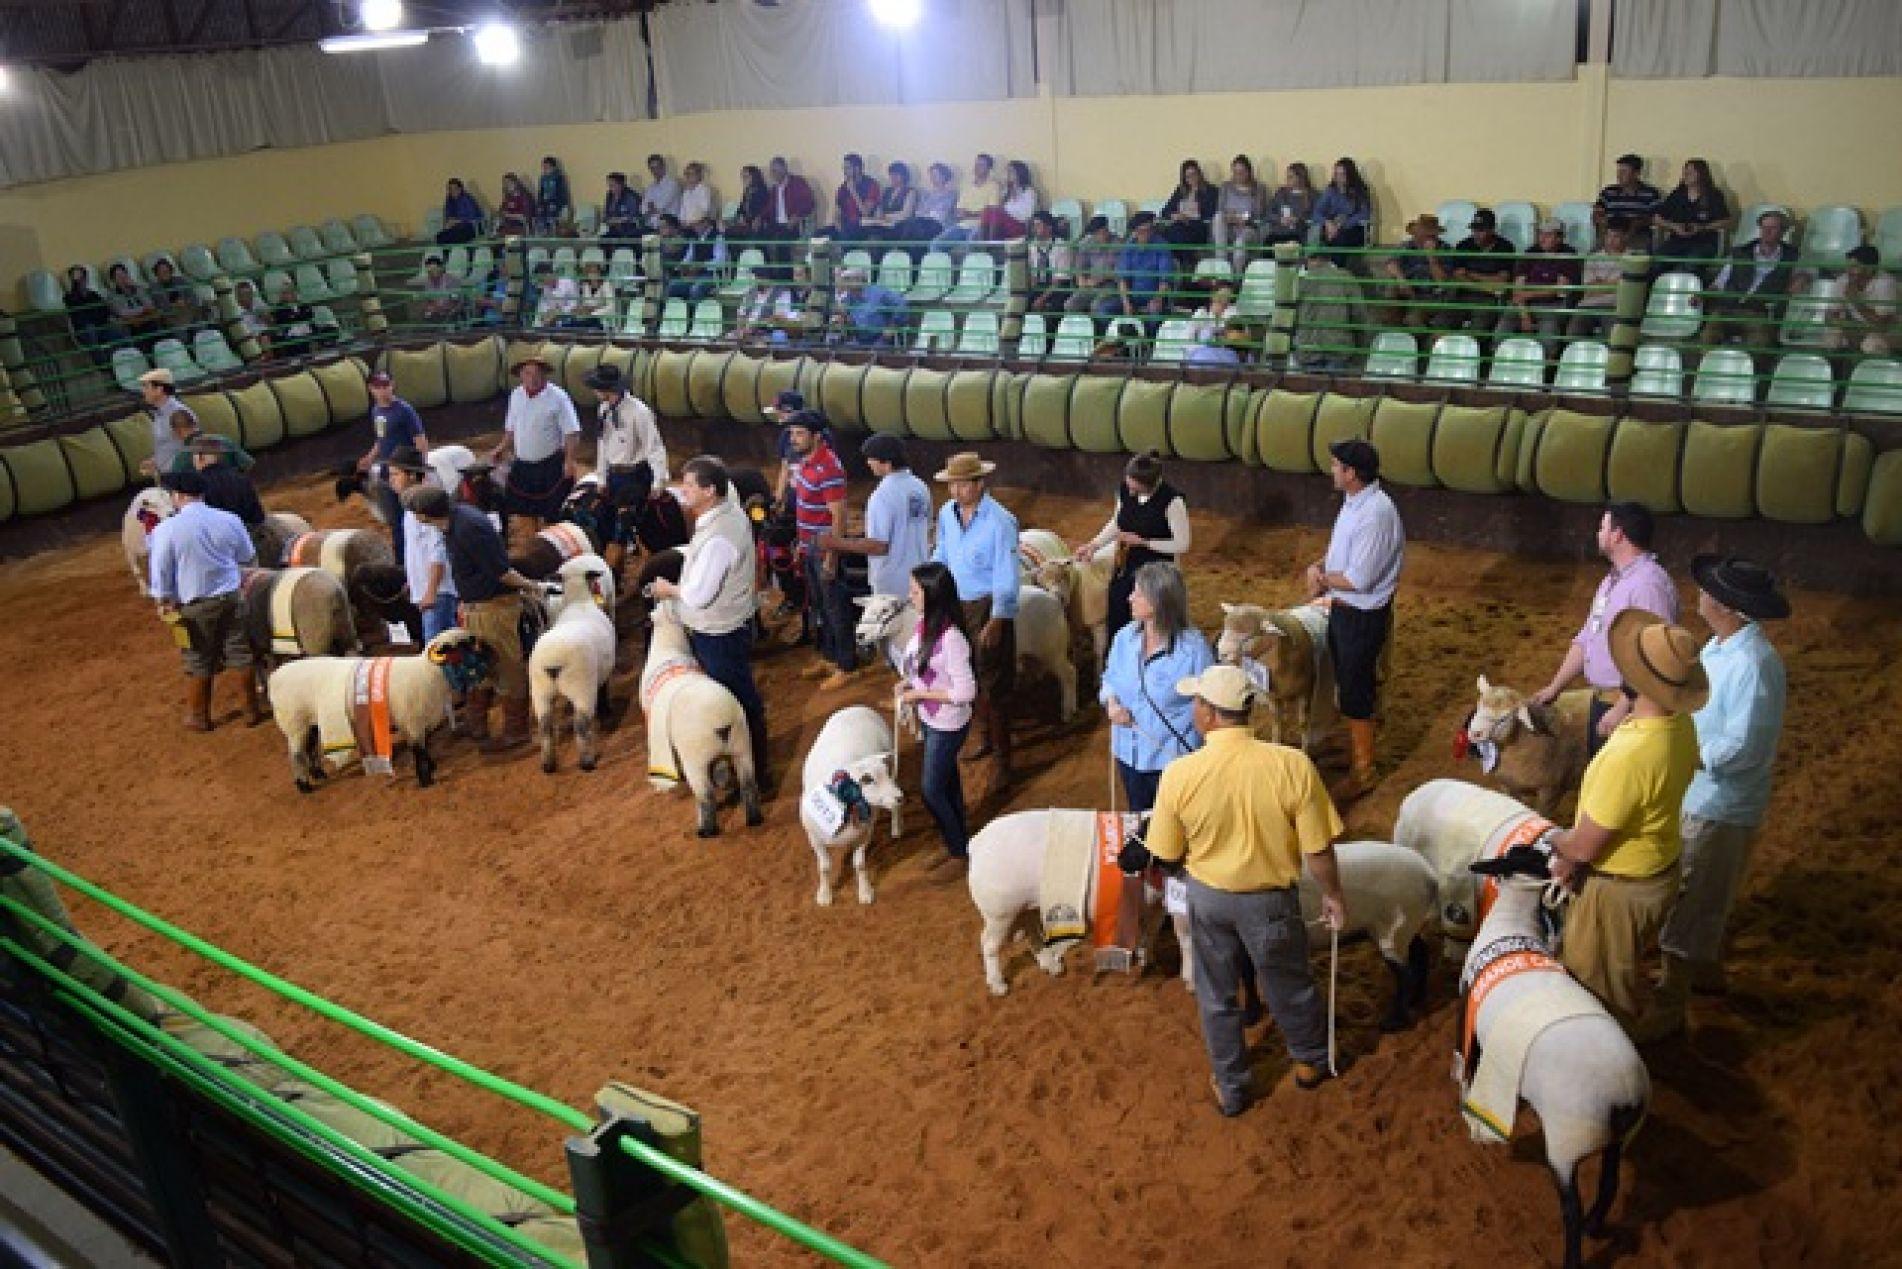 Com aproximadamente 250 ovinos, a exposição contou com anima